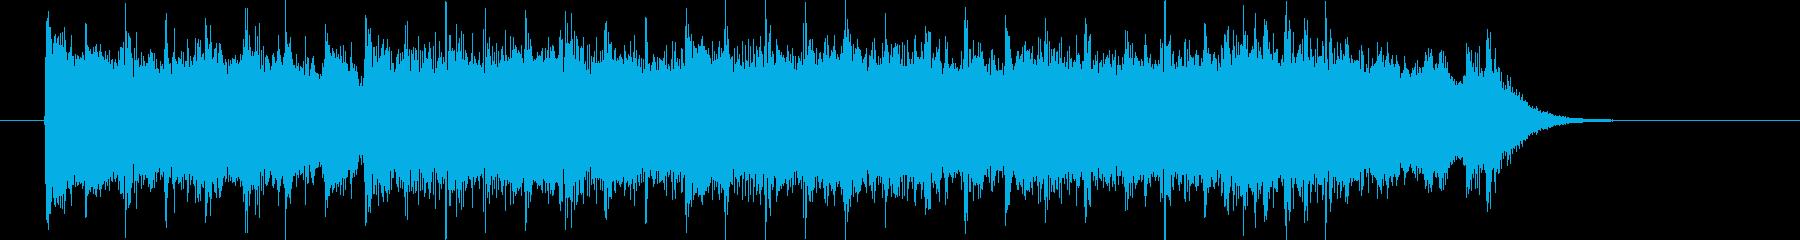 疾走感とワクワク感のギターシンセサウンドの再生済みの波形